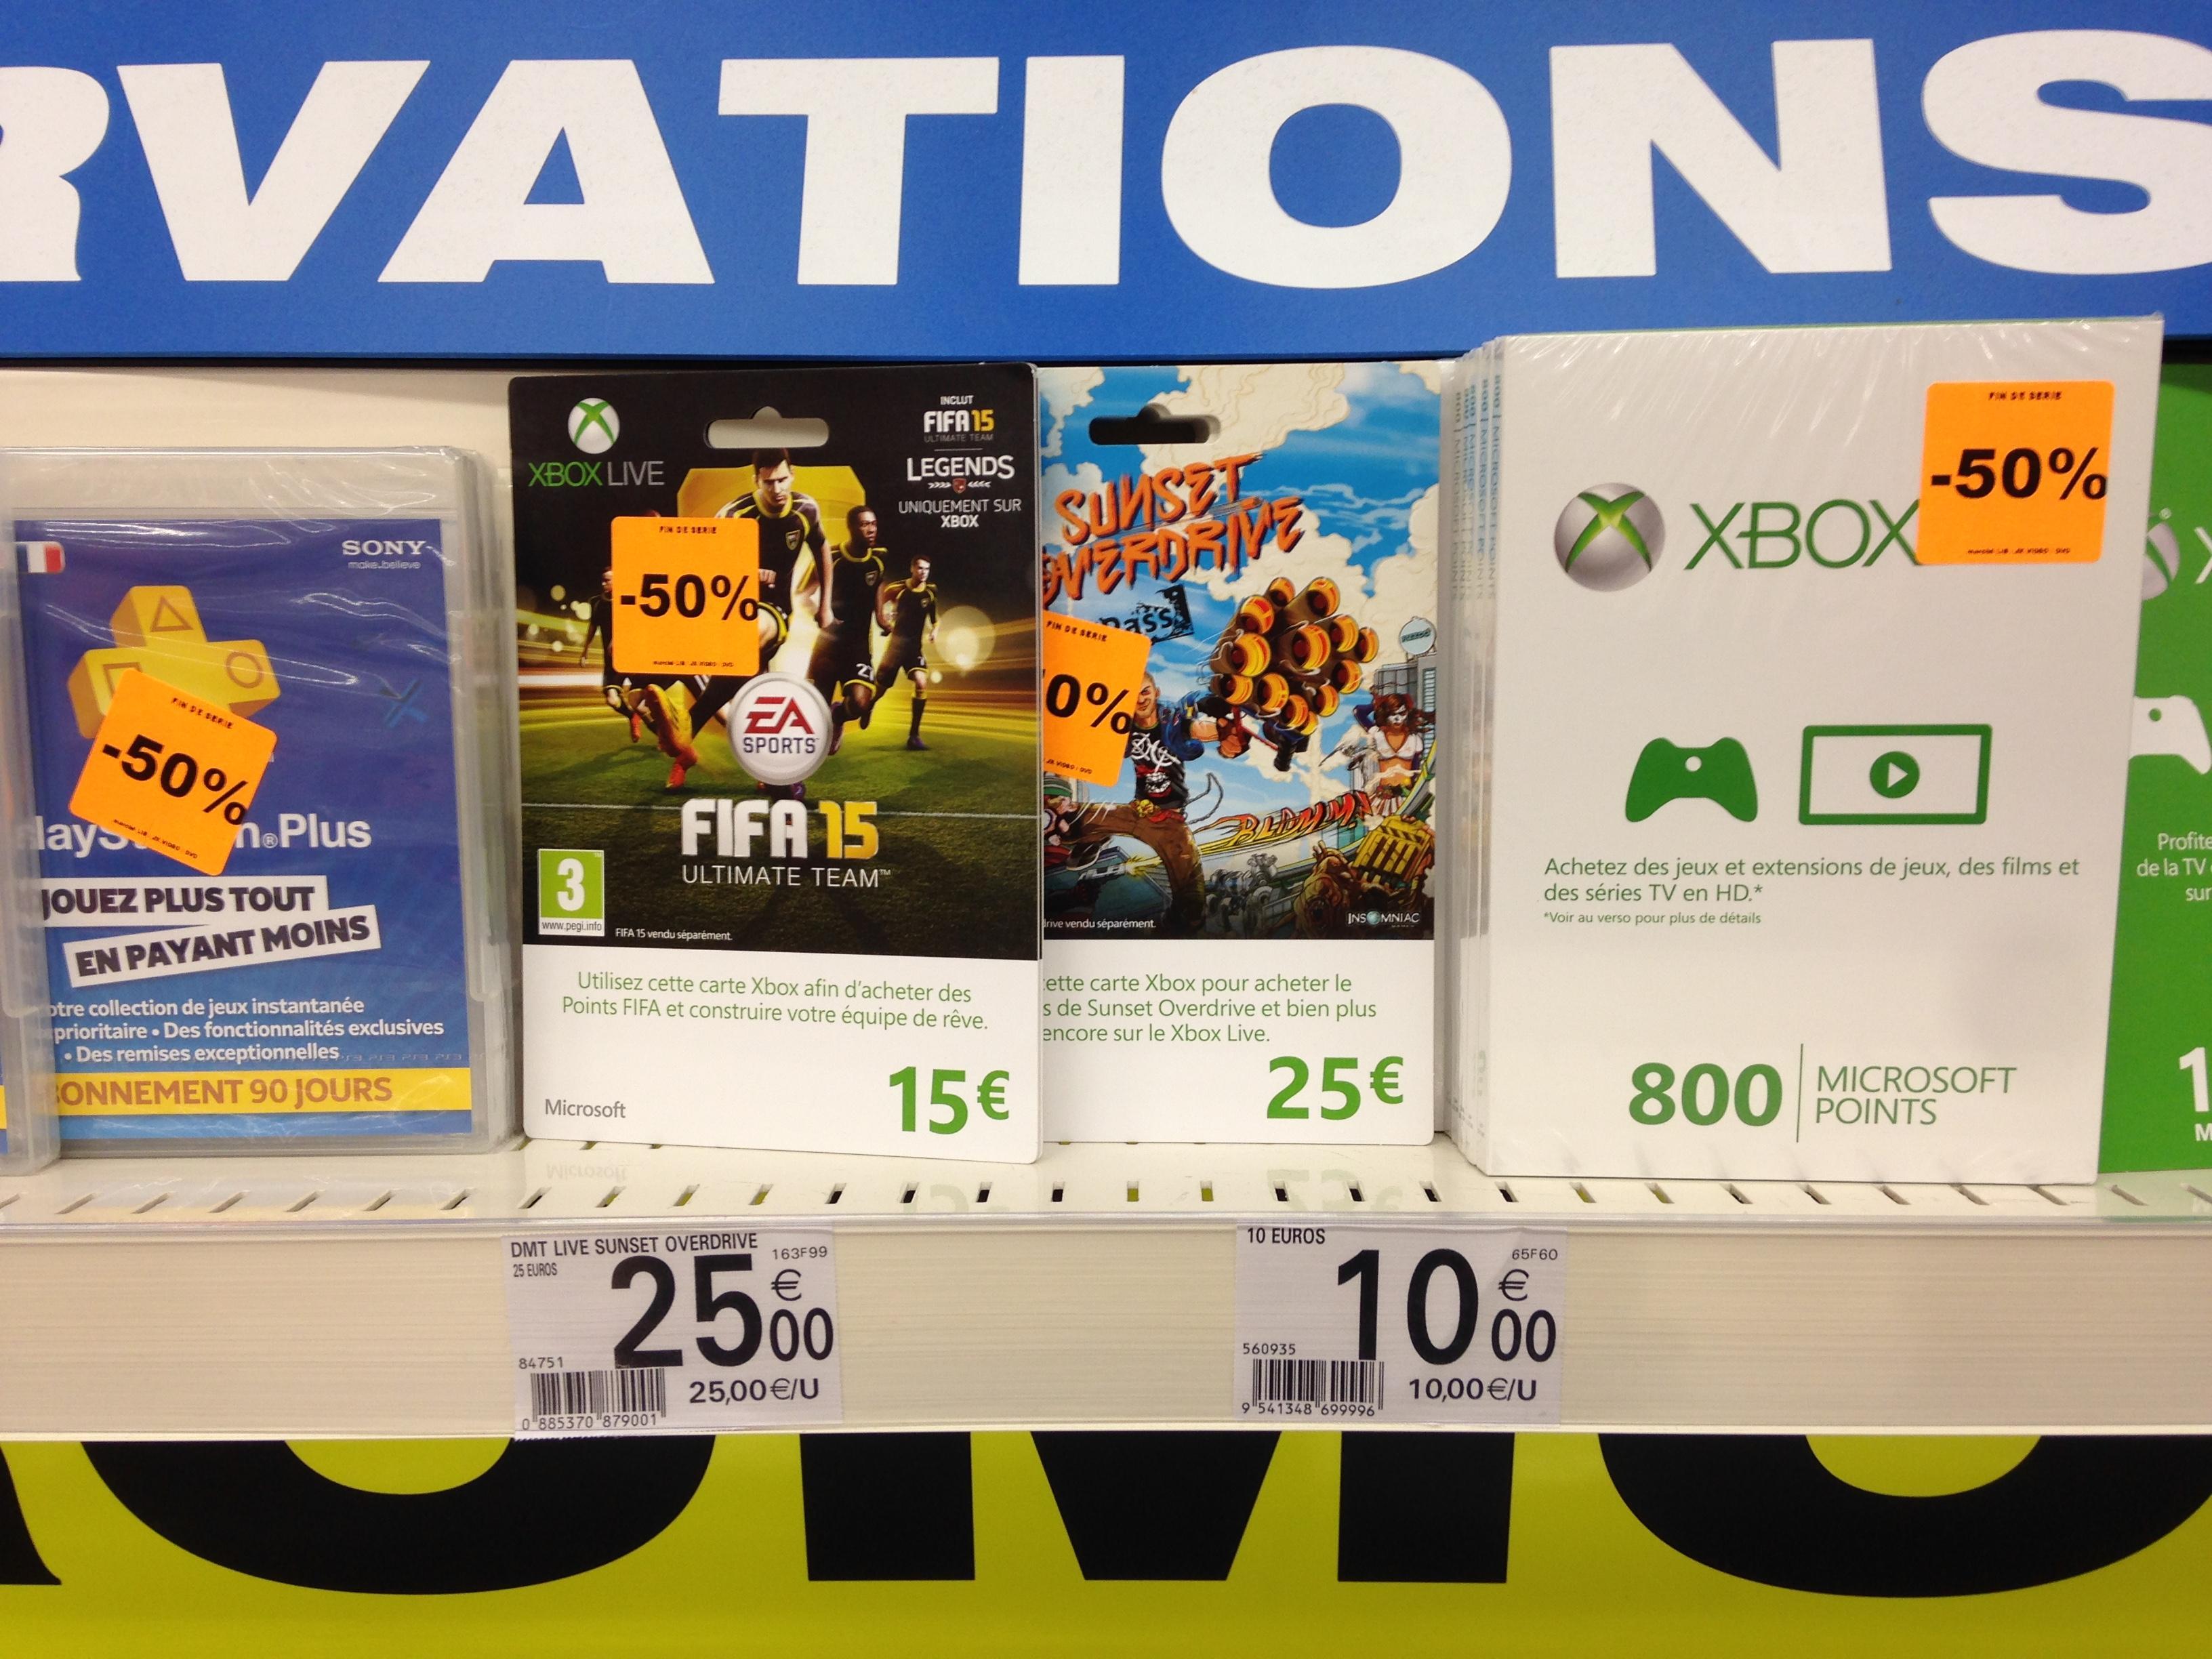 50% de réduction sur une sélection de Cartes Xbox Live - Ex : Carte prépayée de 25€